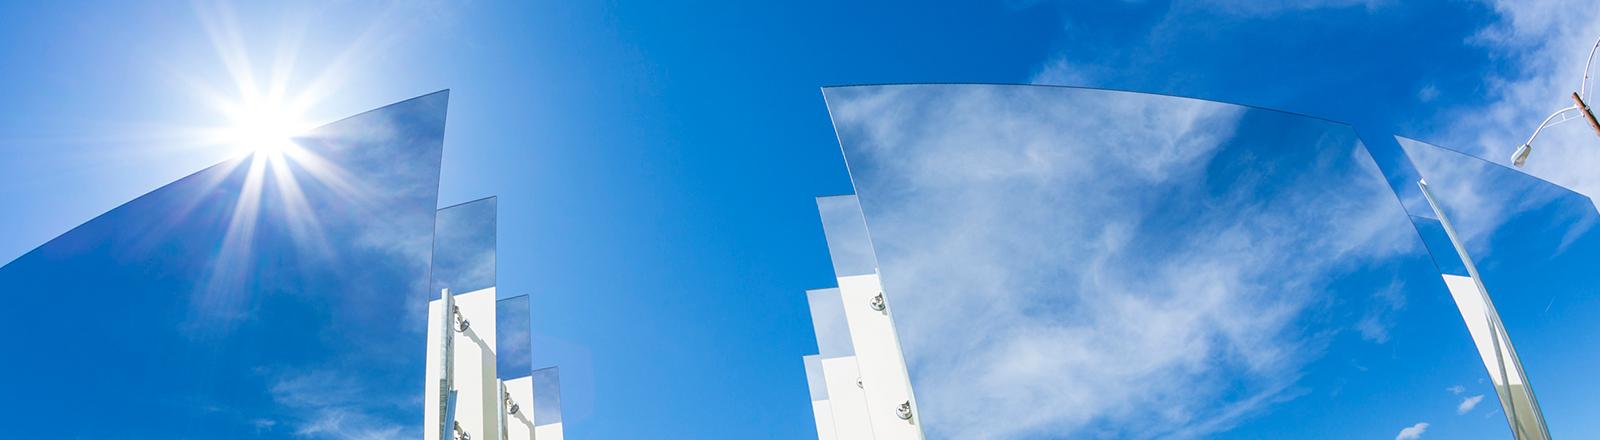 Strahlend blaue Solarpanel reflektieren den Himmel auf einer Anlage in Ivanpah.